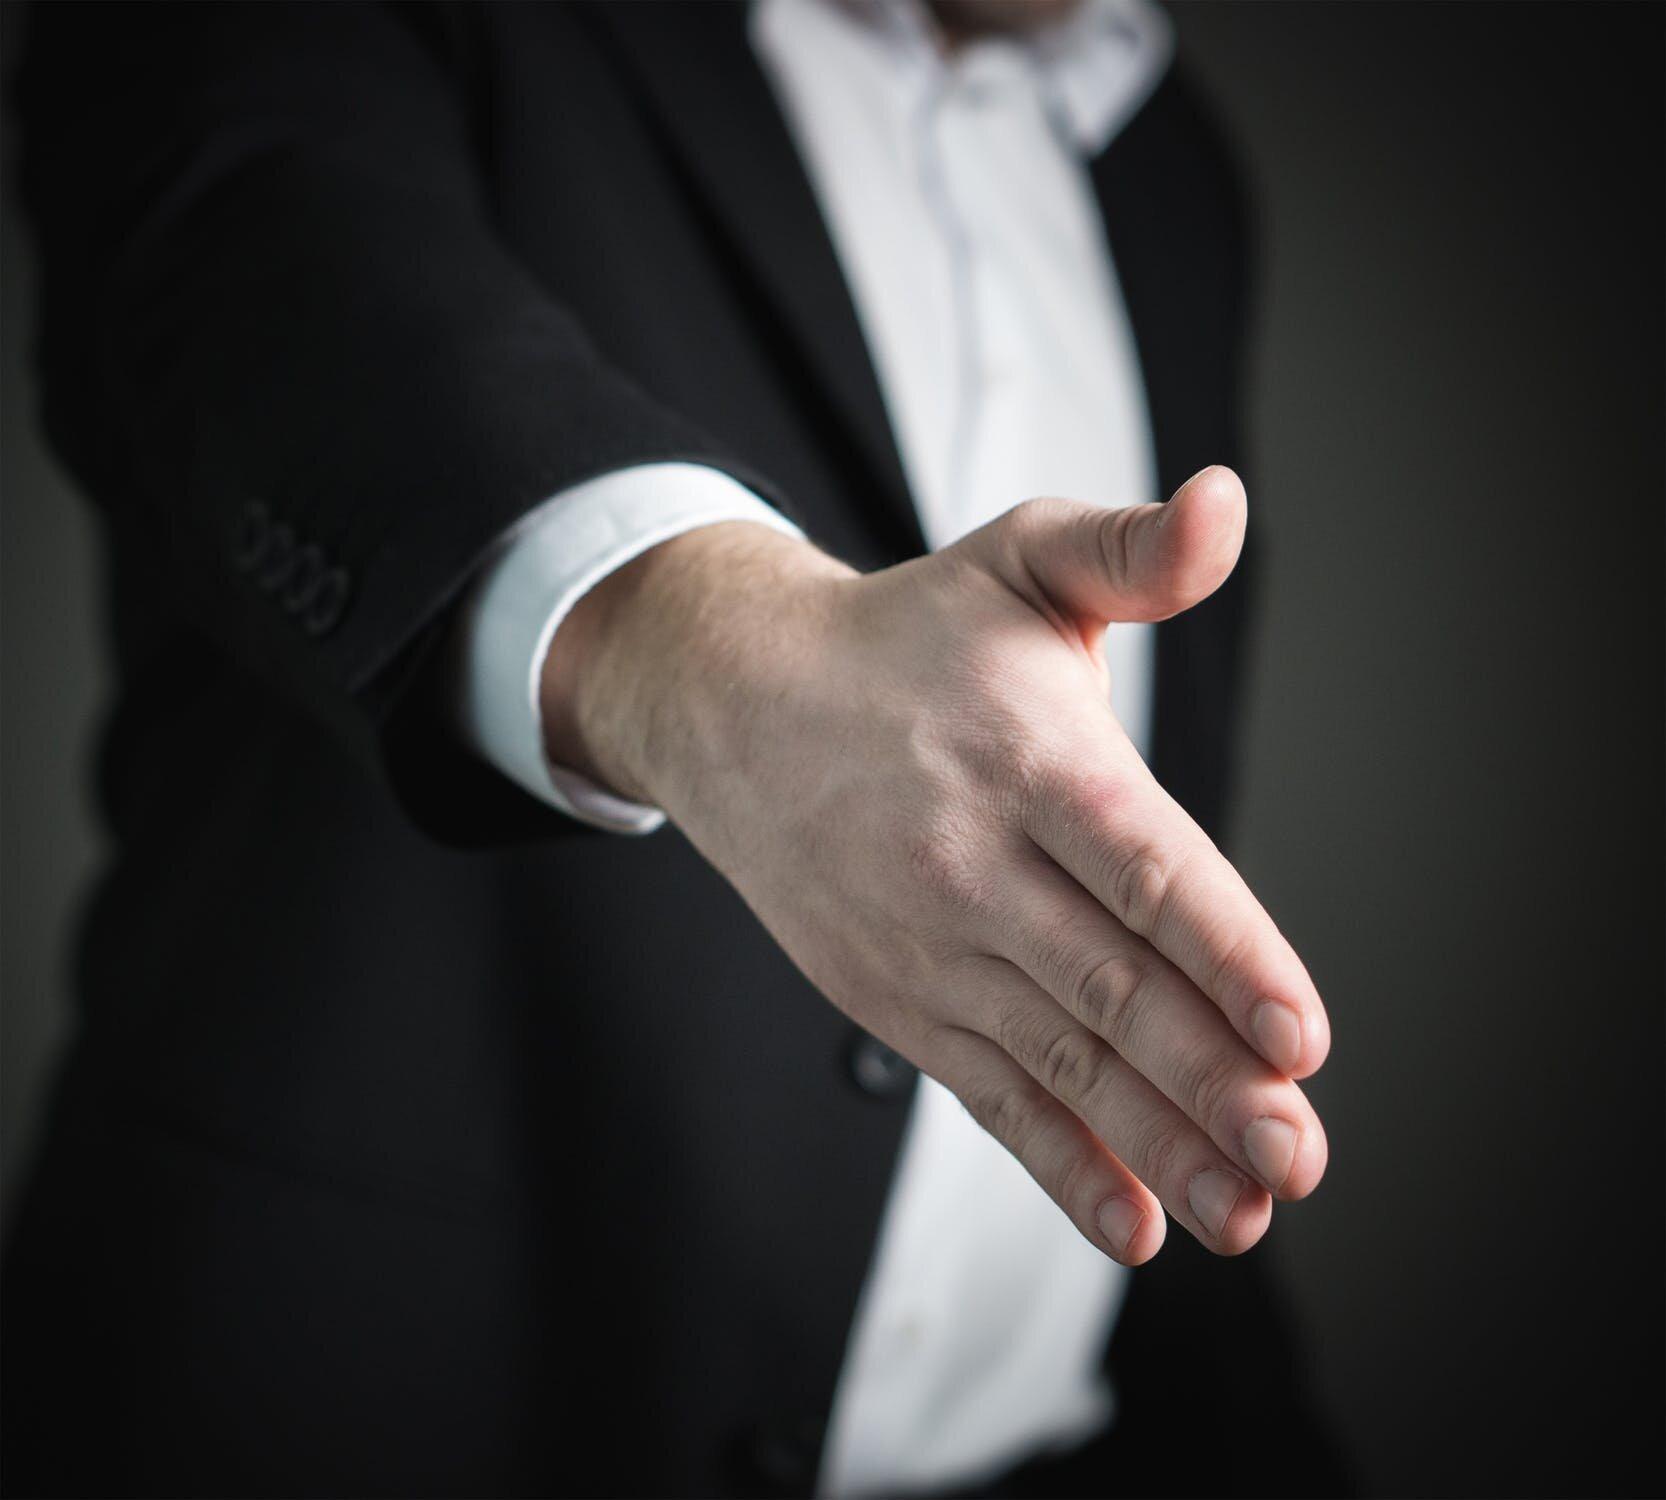 hand-shake.jpeg